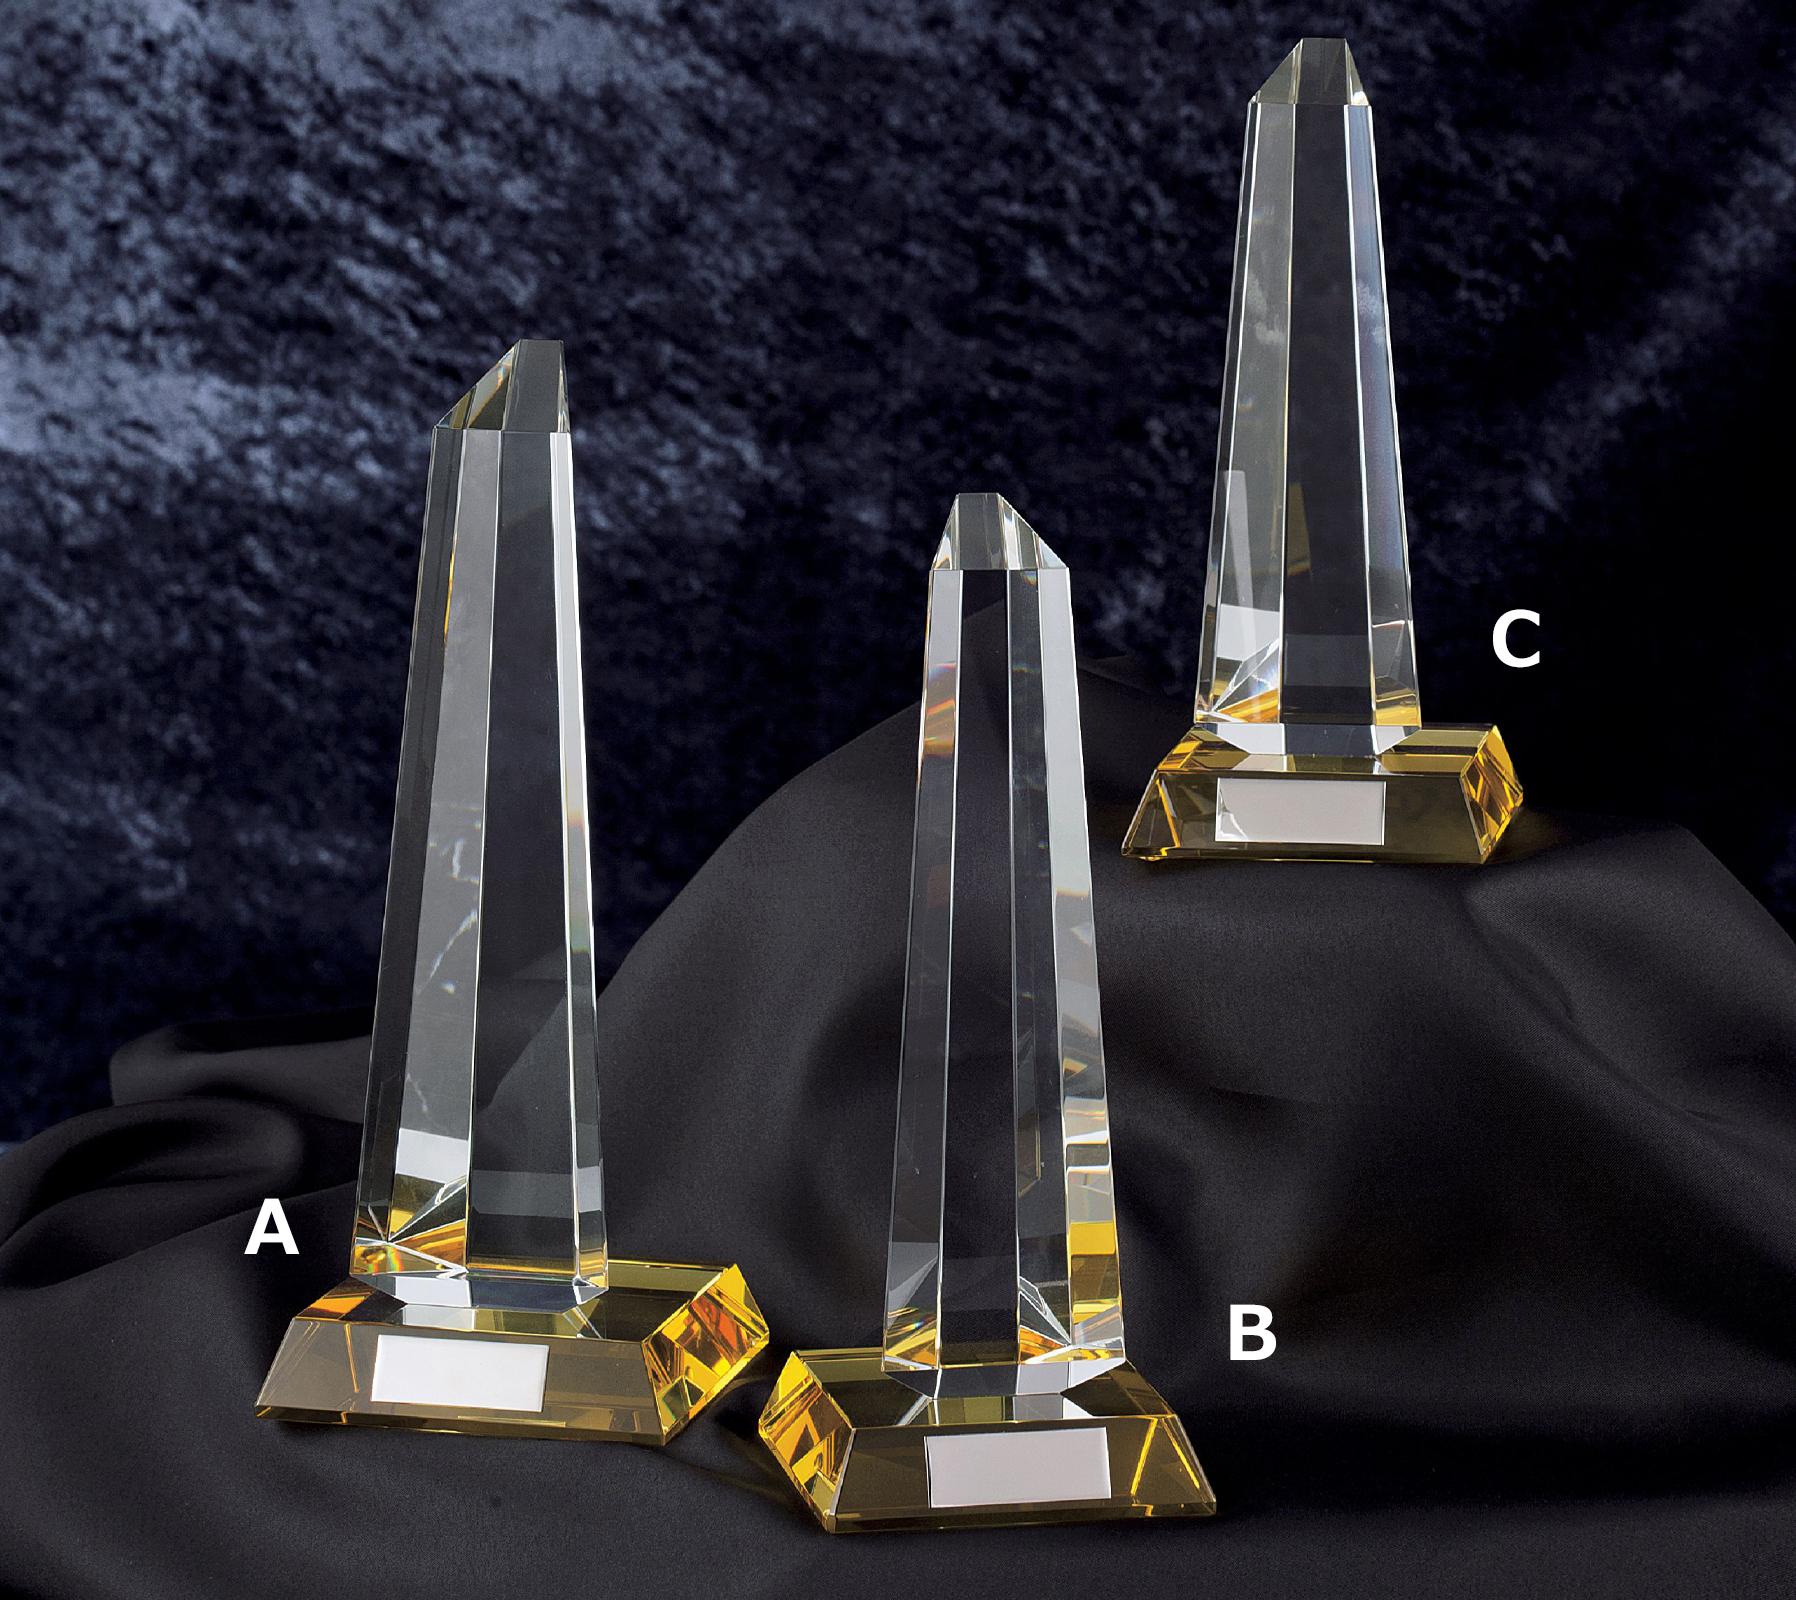 JG-B-517 重量感と高級感を兼ね備える美しいクリスタルガラス。社内表彰や企業表彰には是非おすすめしたい最高級の逸品です。